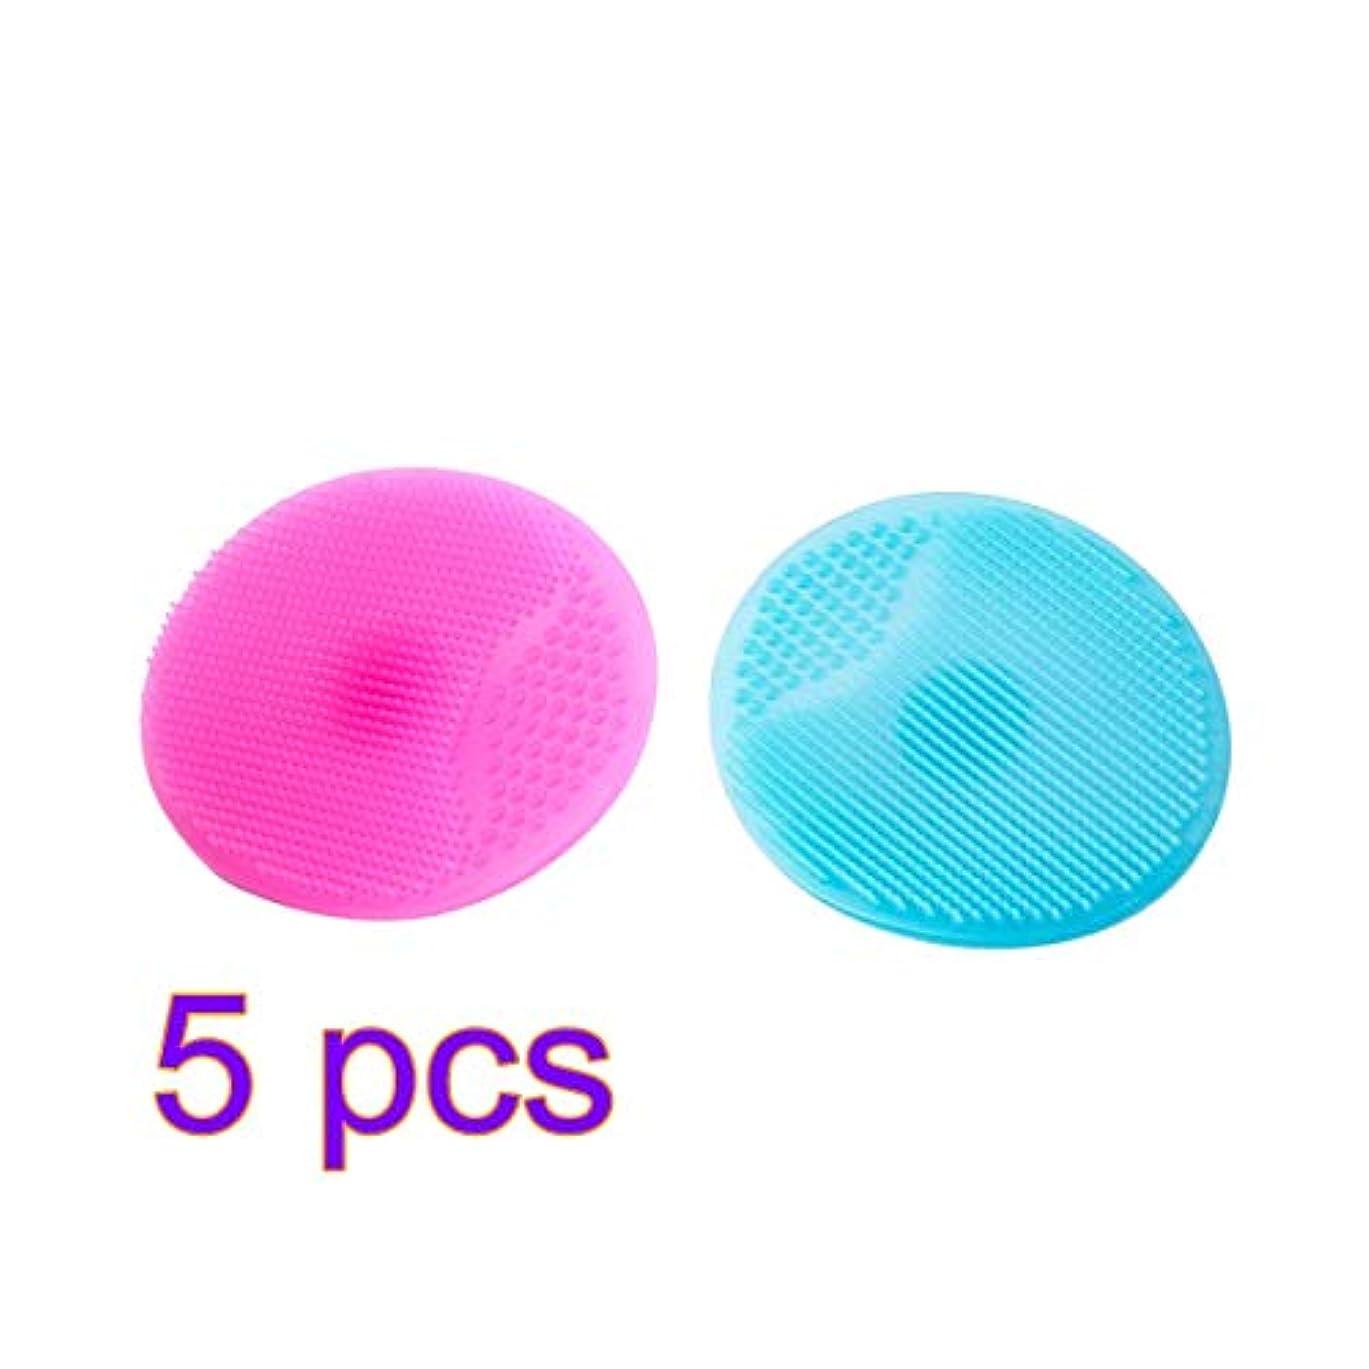 寄生虫かどうかバックアップLURROSE 10個入りソフトシリコンフェイスクレンジングブラシマニュアルフェイシャルスクラバーパッド用マッサージポアクレンジングにきび削除(ブルーとピンク)